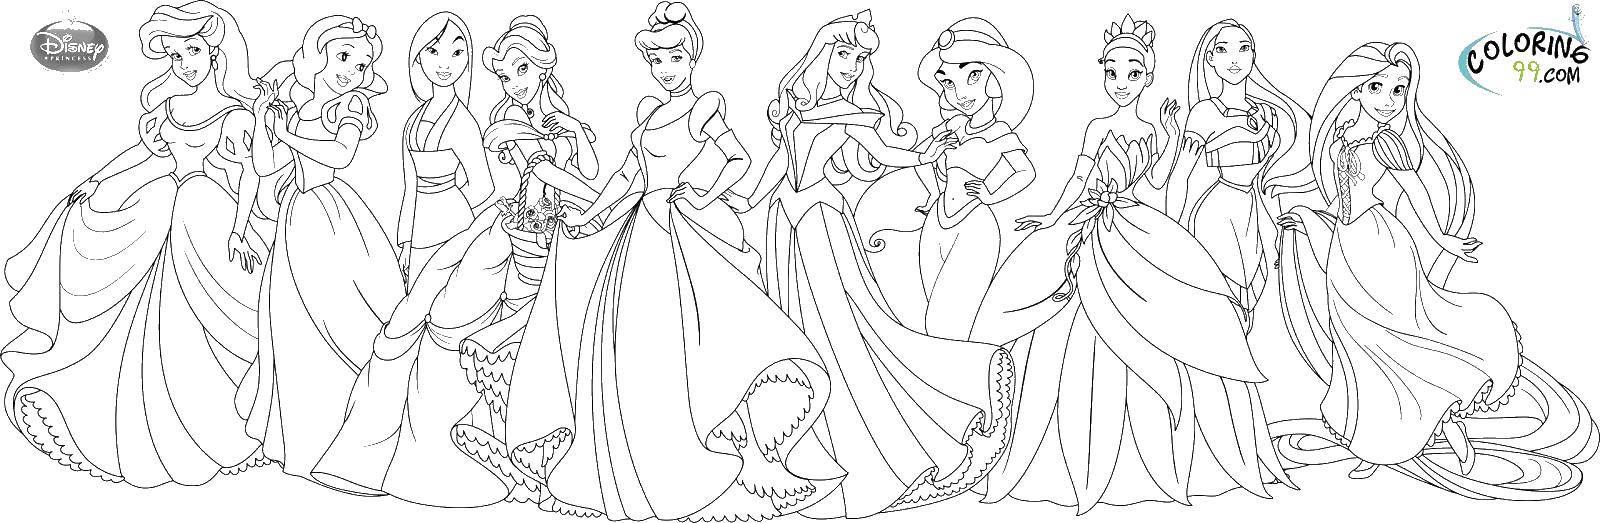 Название: Раскраска Все принцессы диснея. Категория: Принцессы. Теги: принцессы, дисней.